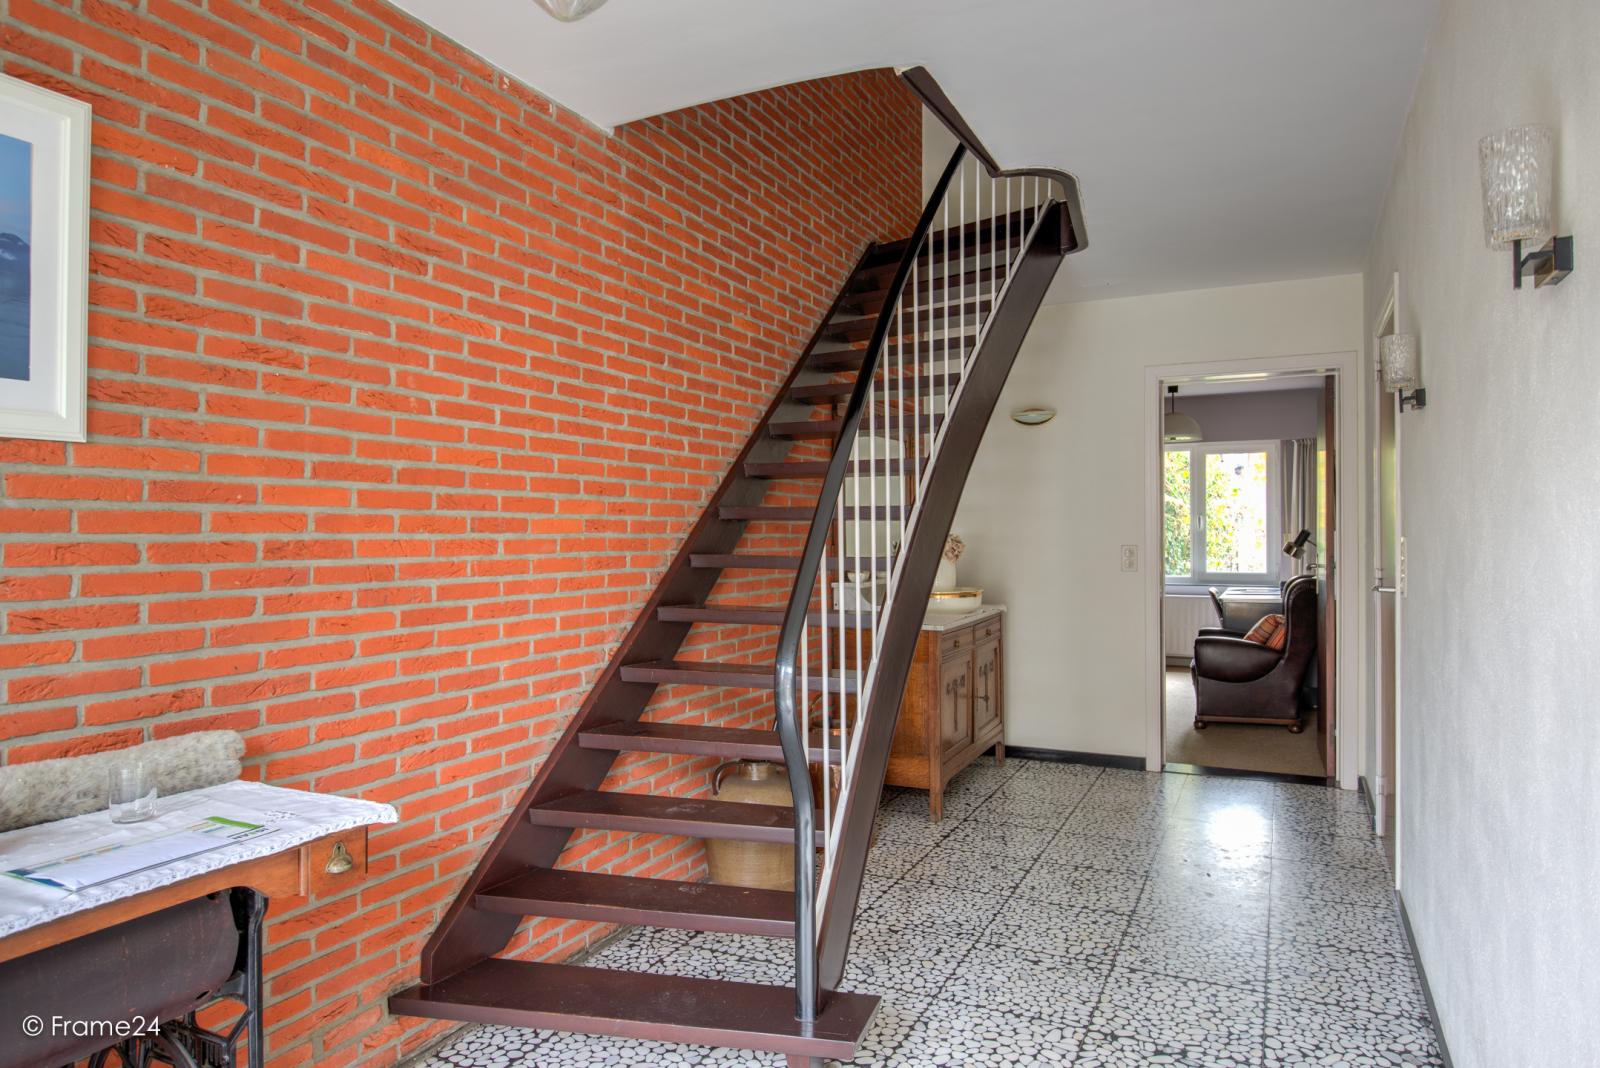 Zeer verzorgde bel-étagewoning met drie slaapkamers op toplocatie te Wijnegem! afbeelding 21